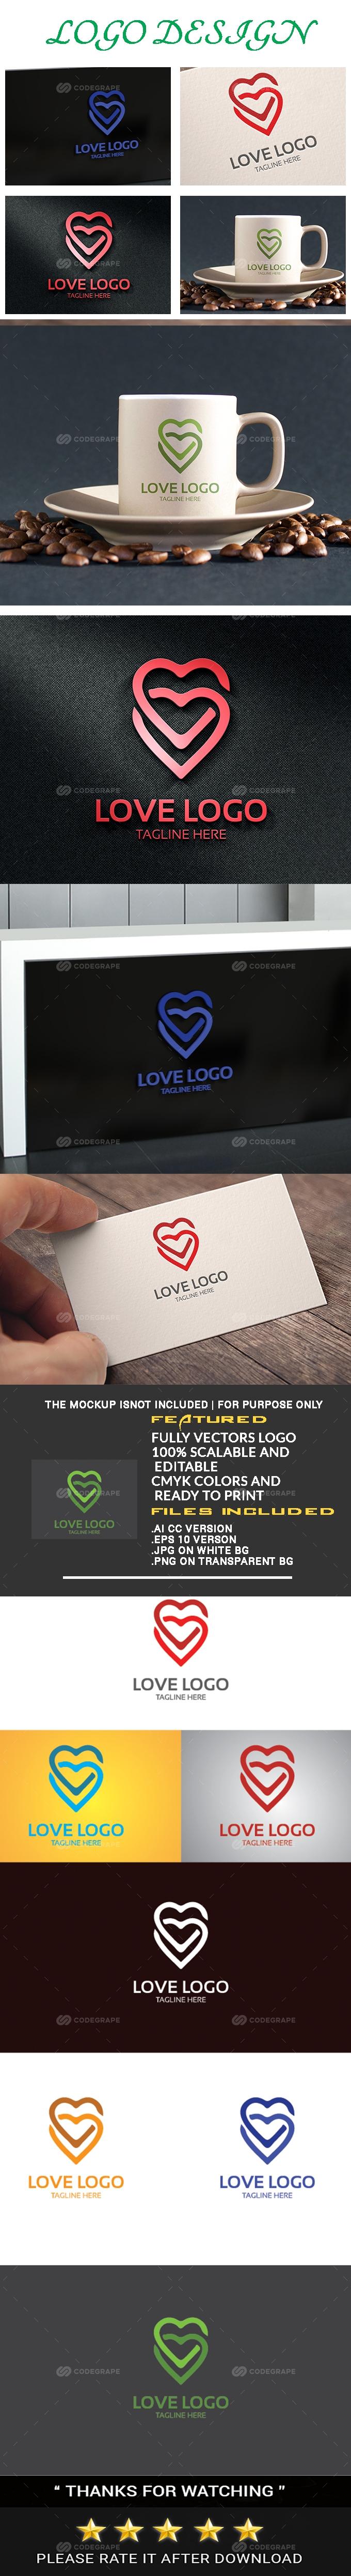 Love logo Love logo, Logos, Love